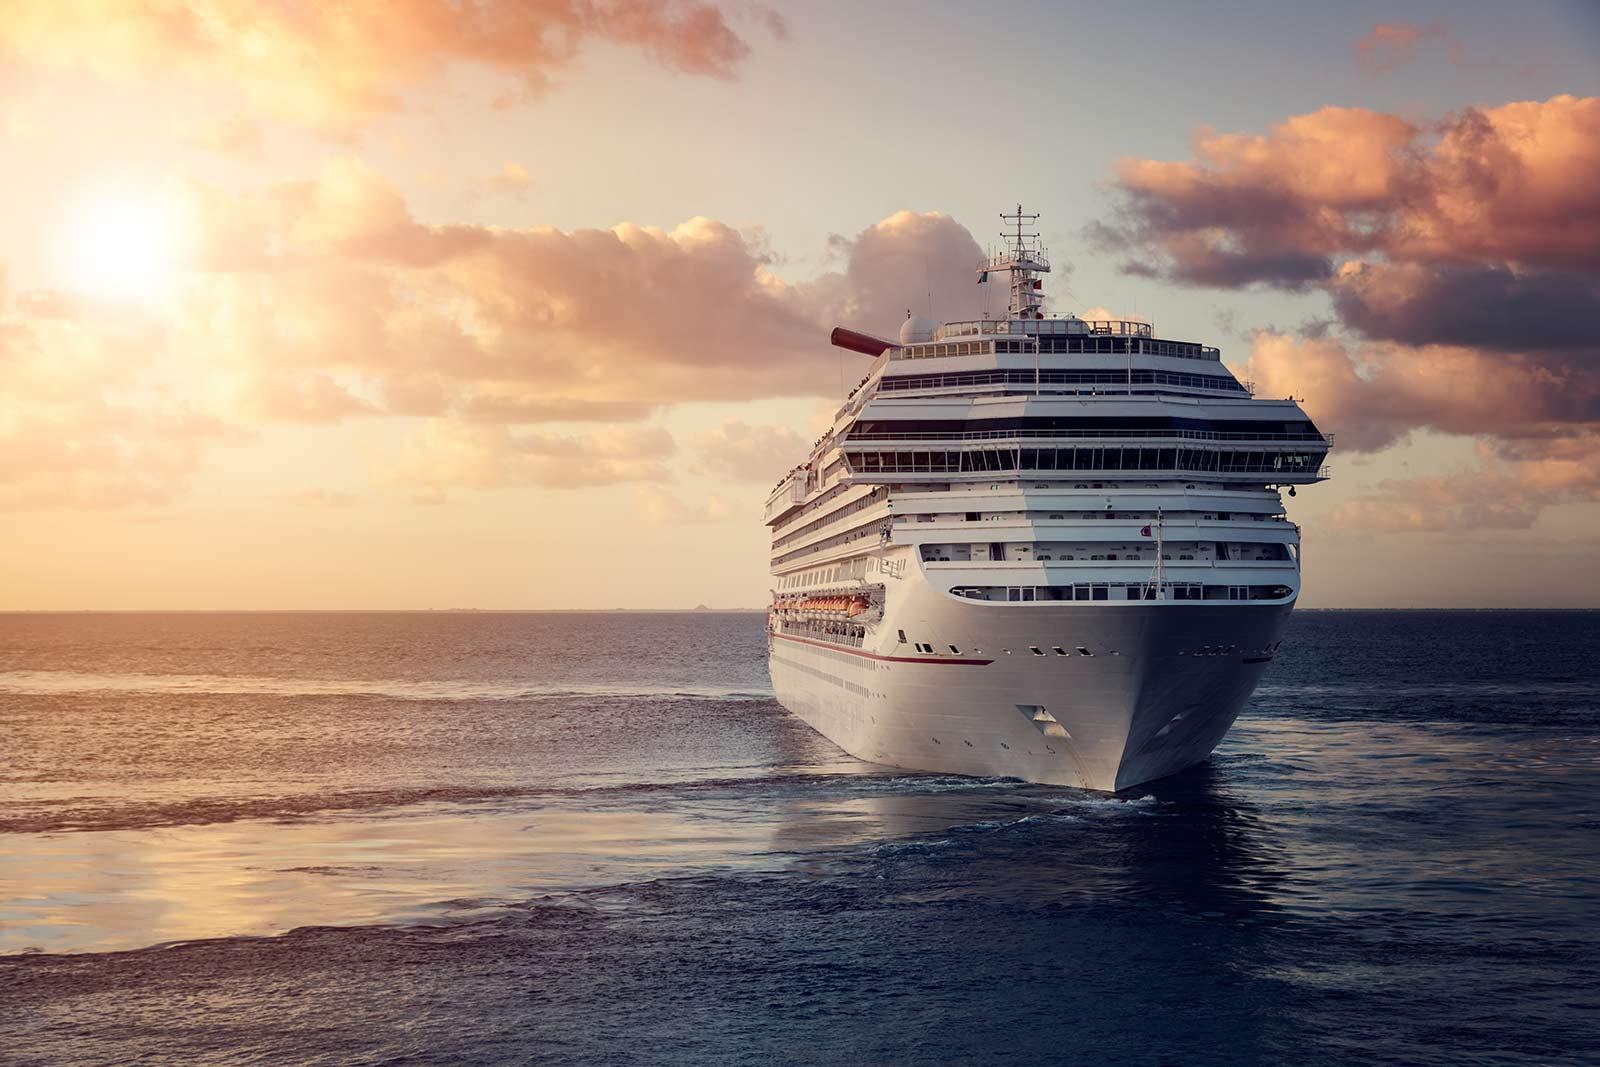 cruise ship entertainment agency